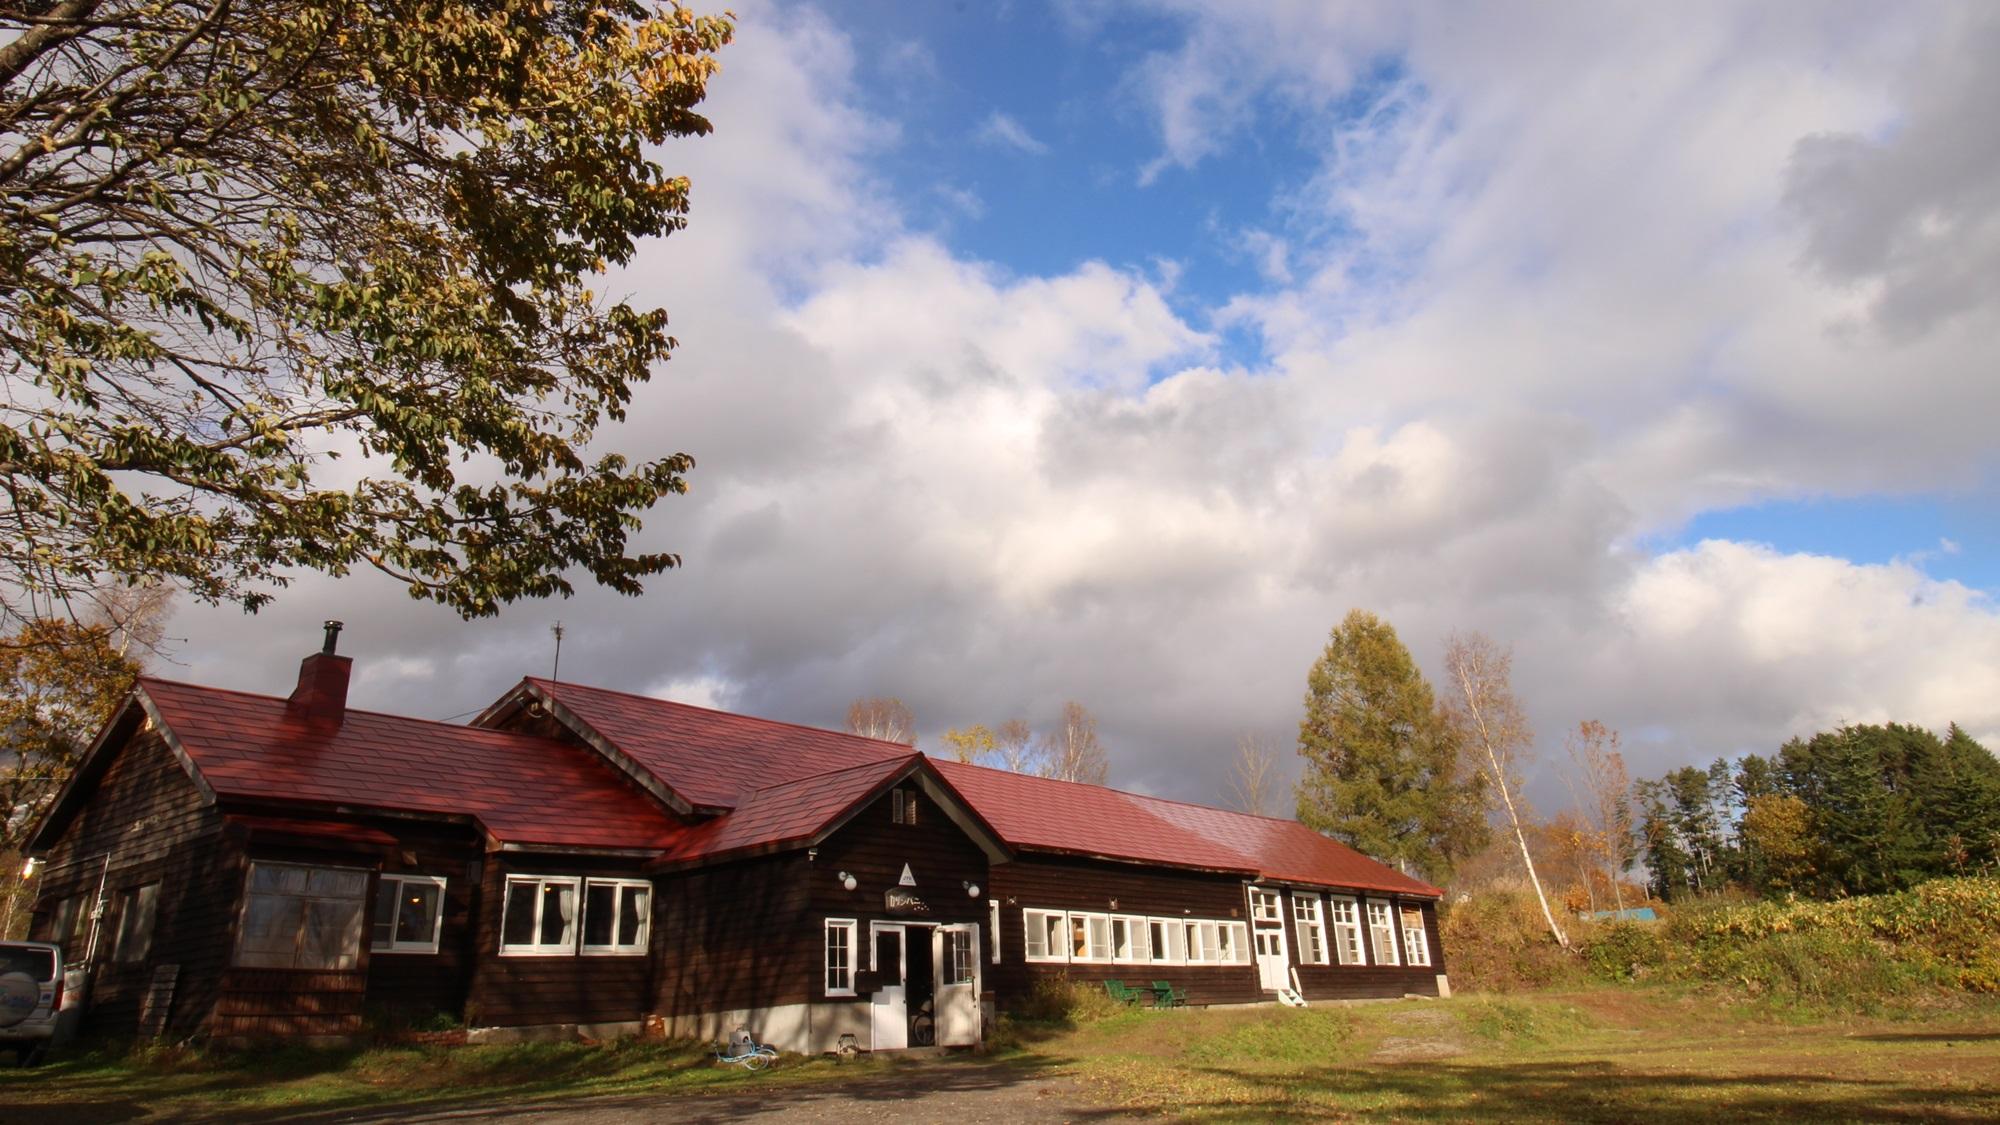 校舎の宿 カリンパニ ニセコ 藤山◆楽天トラベル